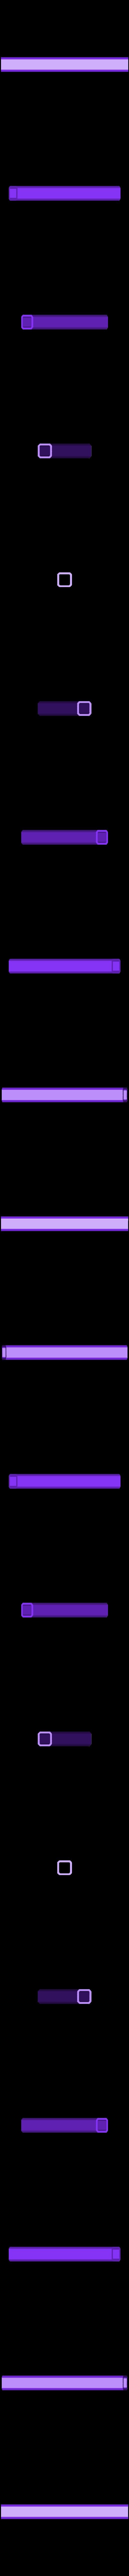 pipe.stl Télécharger fichier STL gratuit Jouet à billes flottant • Modèle pour imprimante 3D, ayfaridi